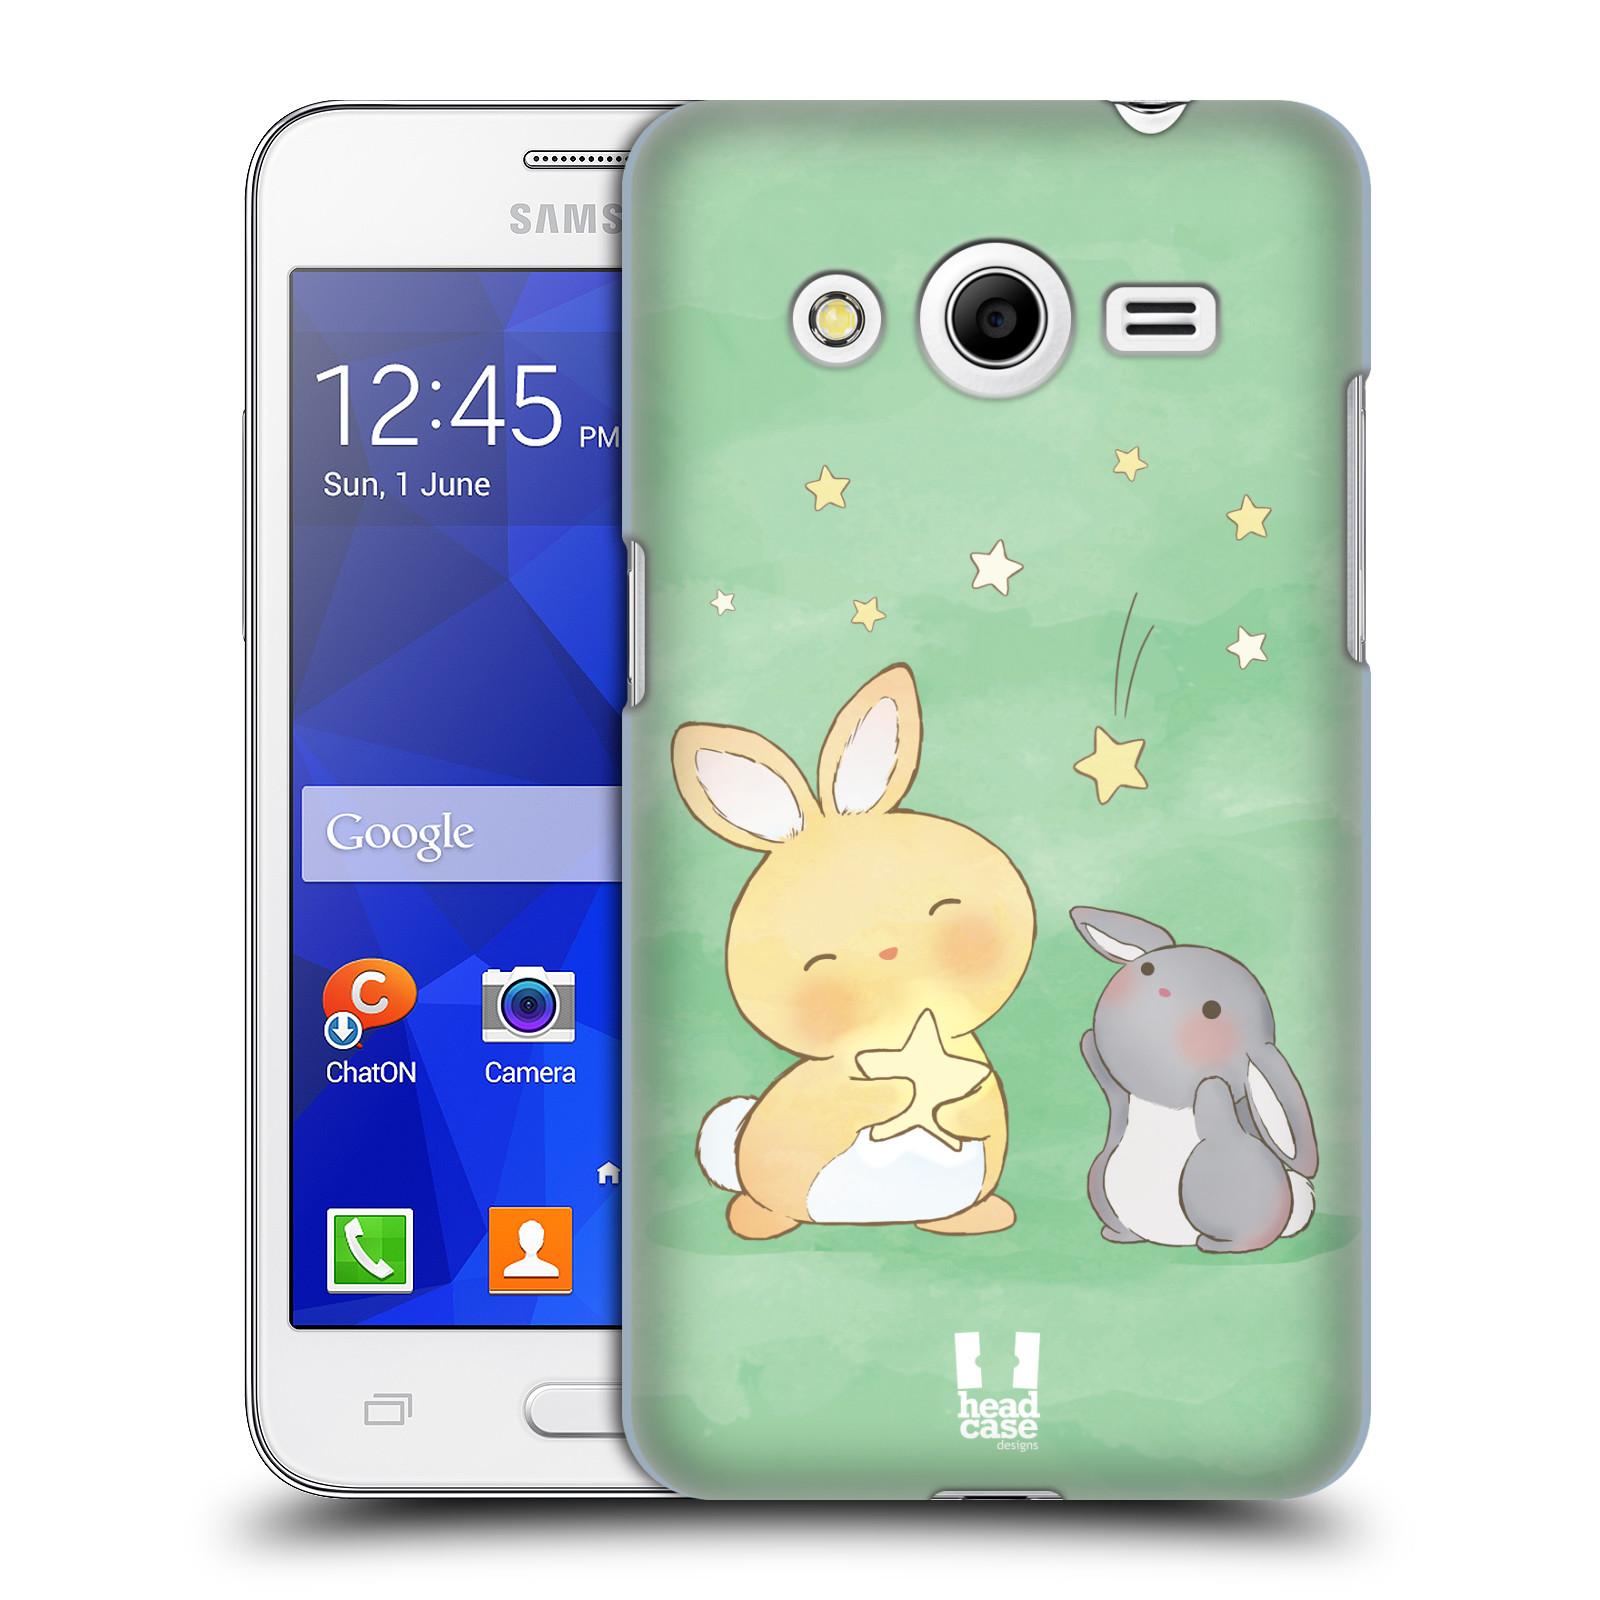 HEAD CASE plastový obal na mobil SAMSUNG GALAXY Core 2 (G355H) vzor králíček a hvězdy zelená